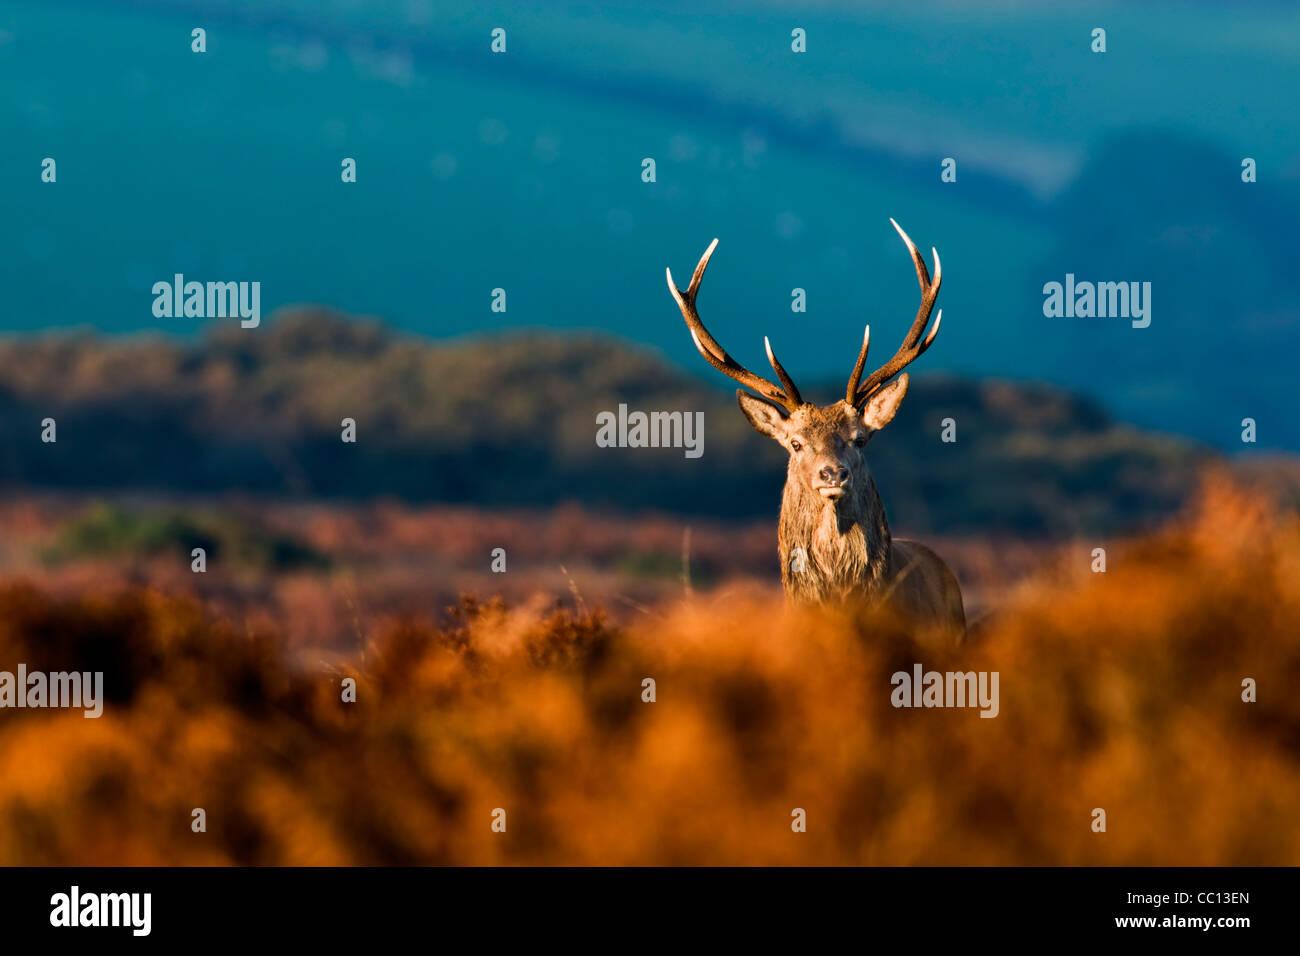 Red Deer stag in golden sunlight - Stock Image